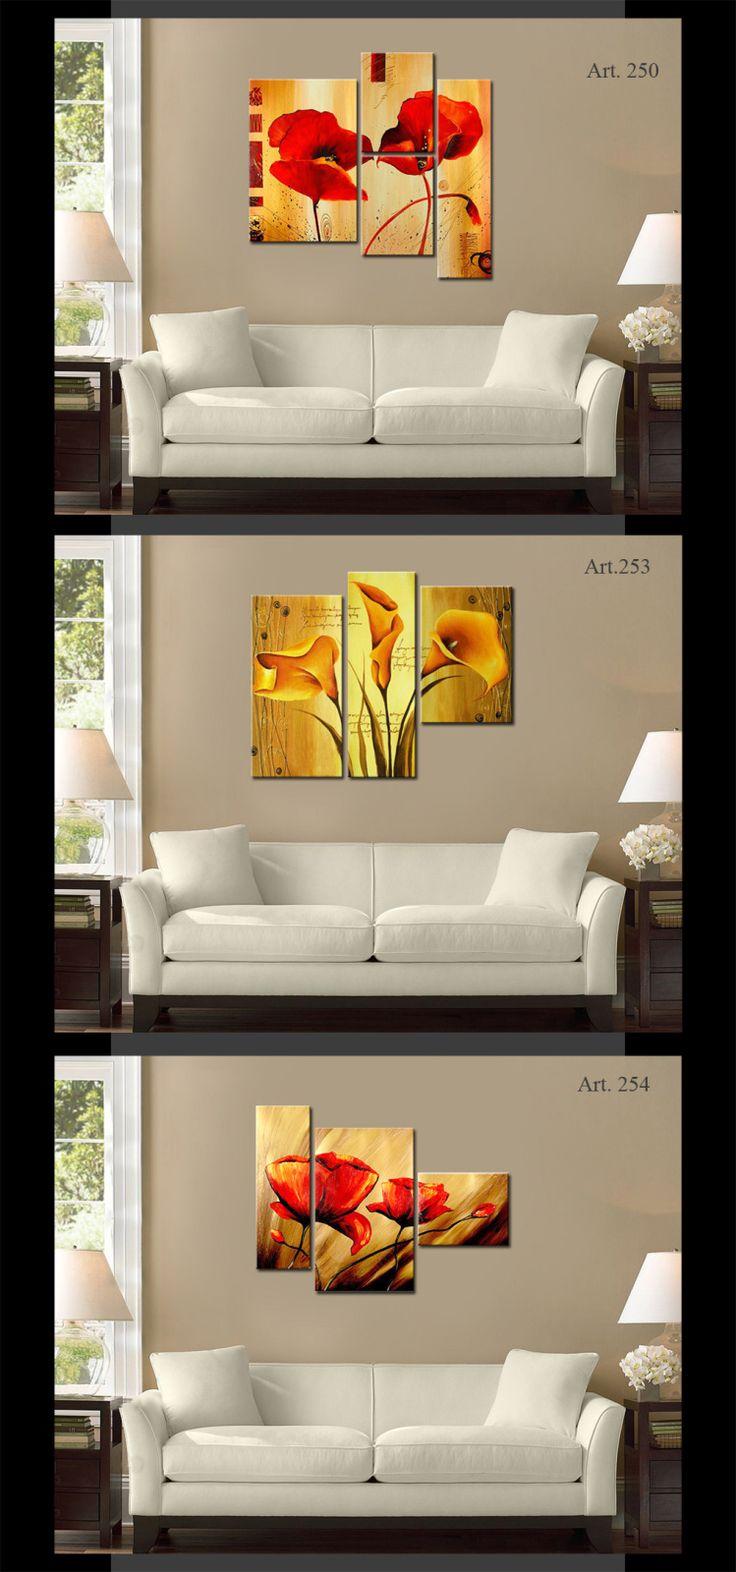 M s de 1000 ideas sobre cuadros pintados a mano en pinterest cuadros pintados cuadros - Bimago cuadros modernos ...